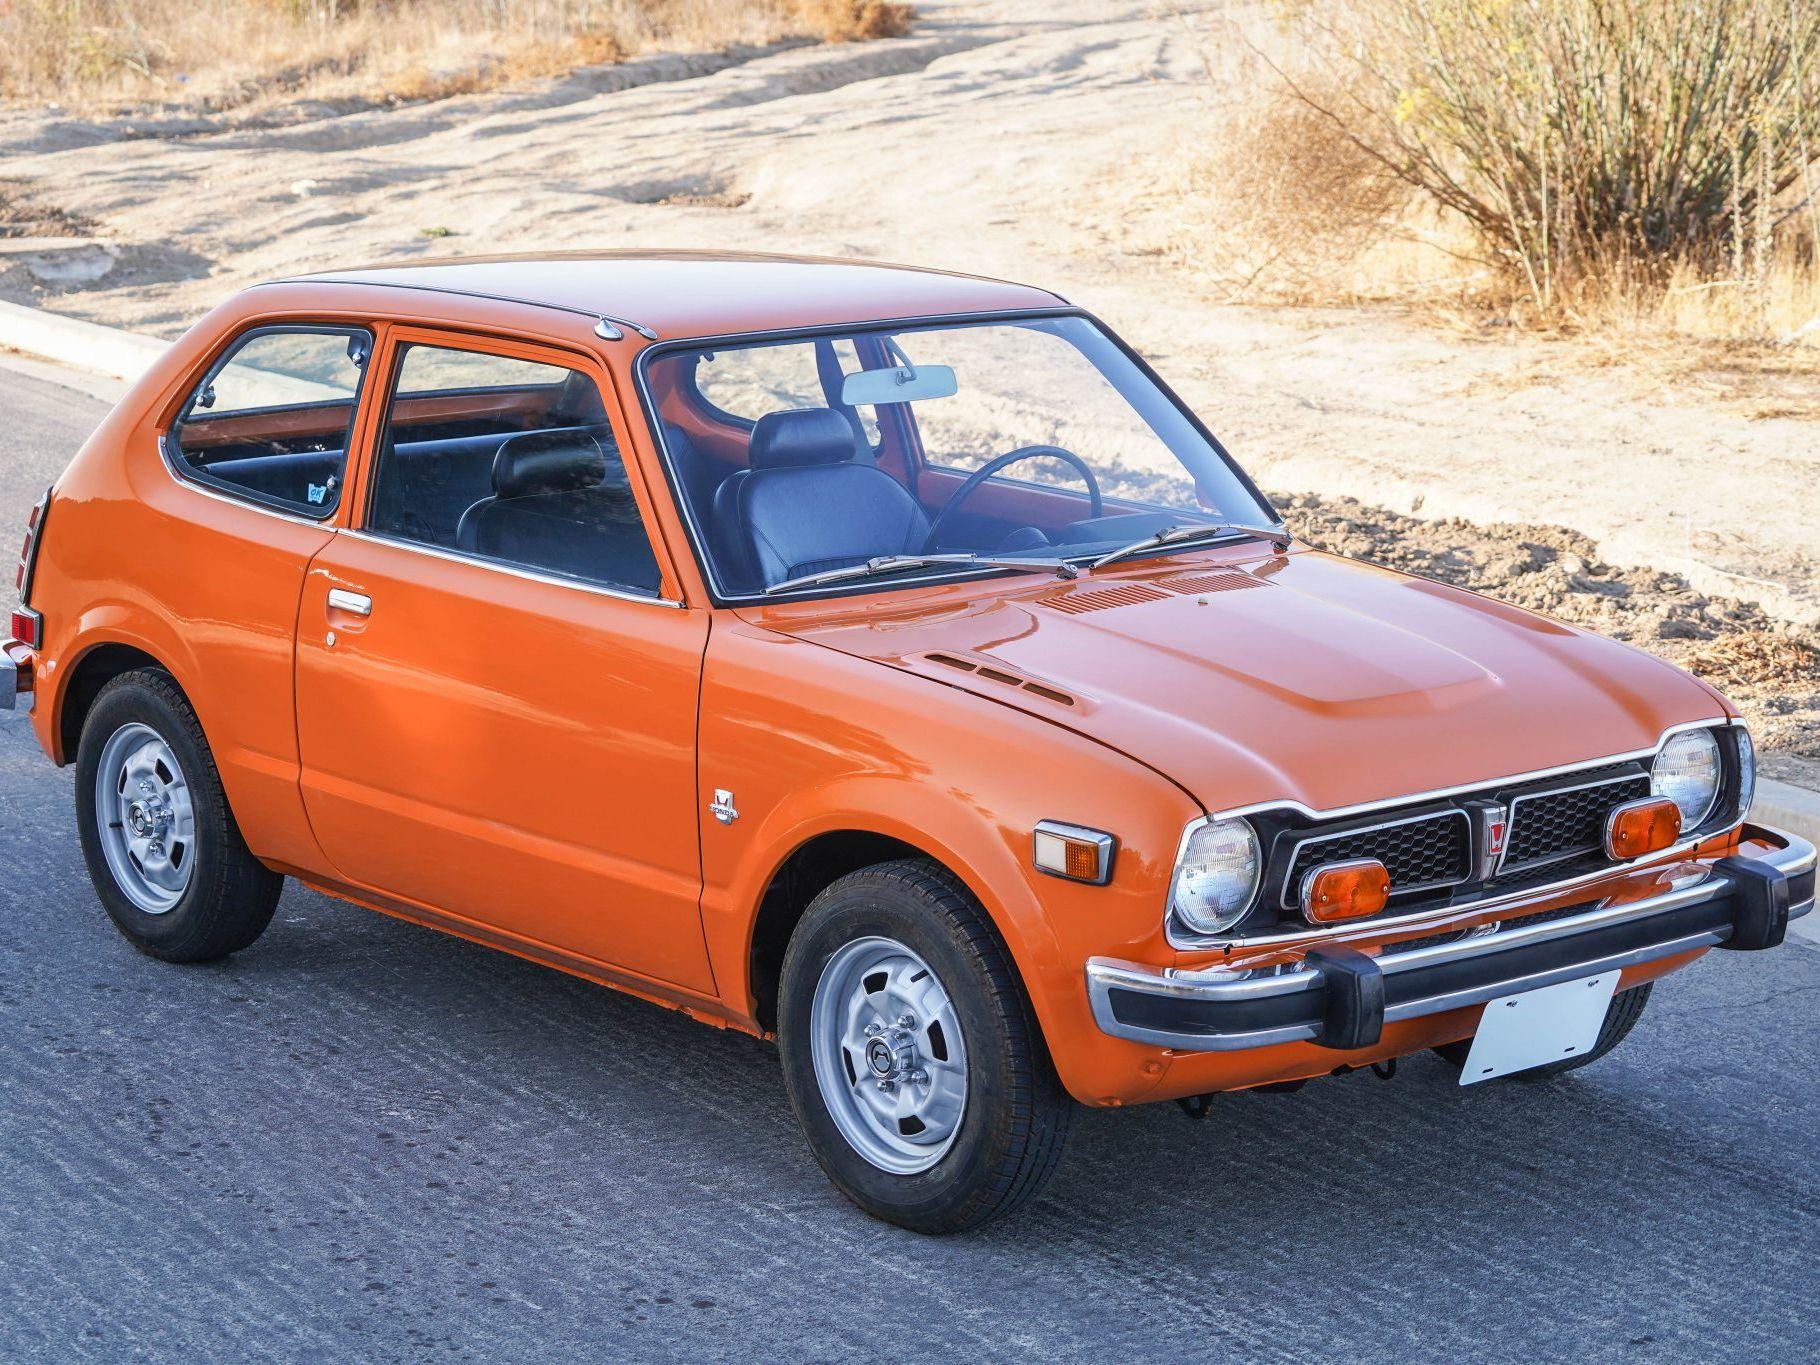 1974 Honda Civic - 1st Gen Market - CLASSIC.COM